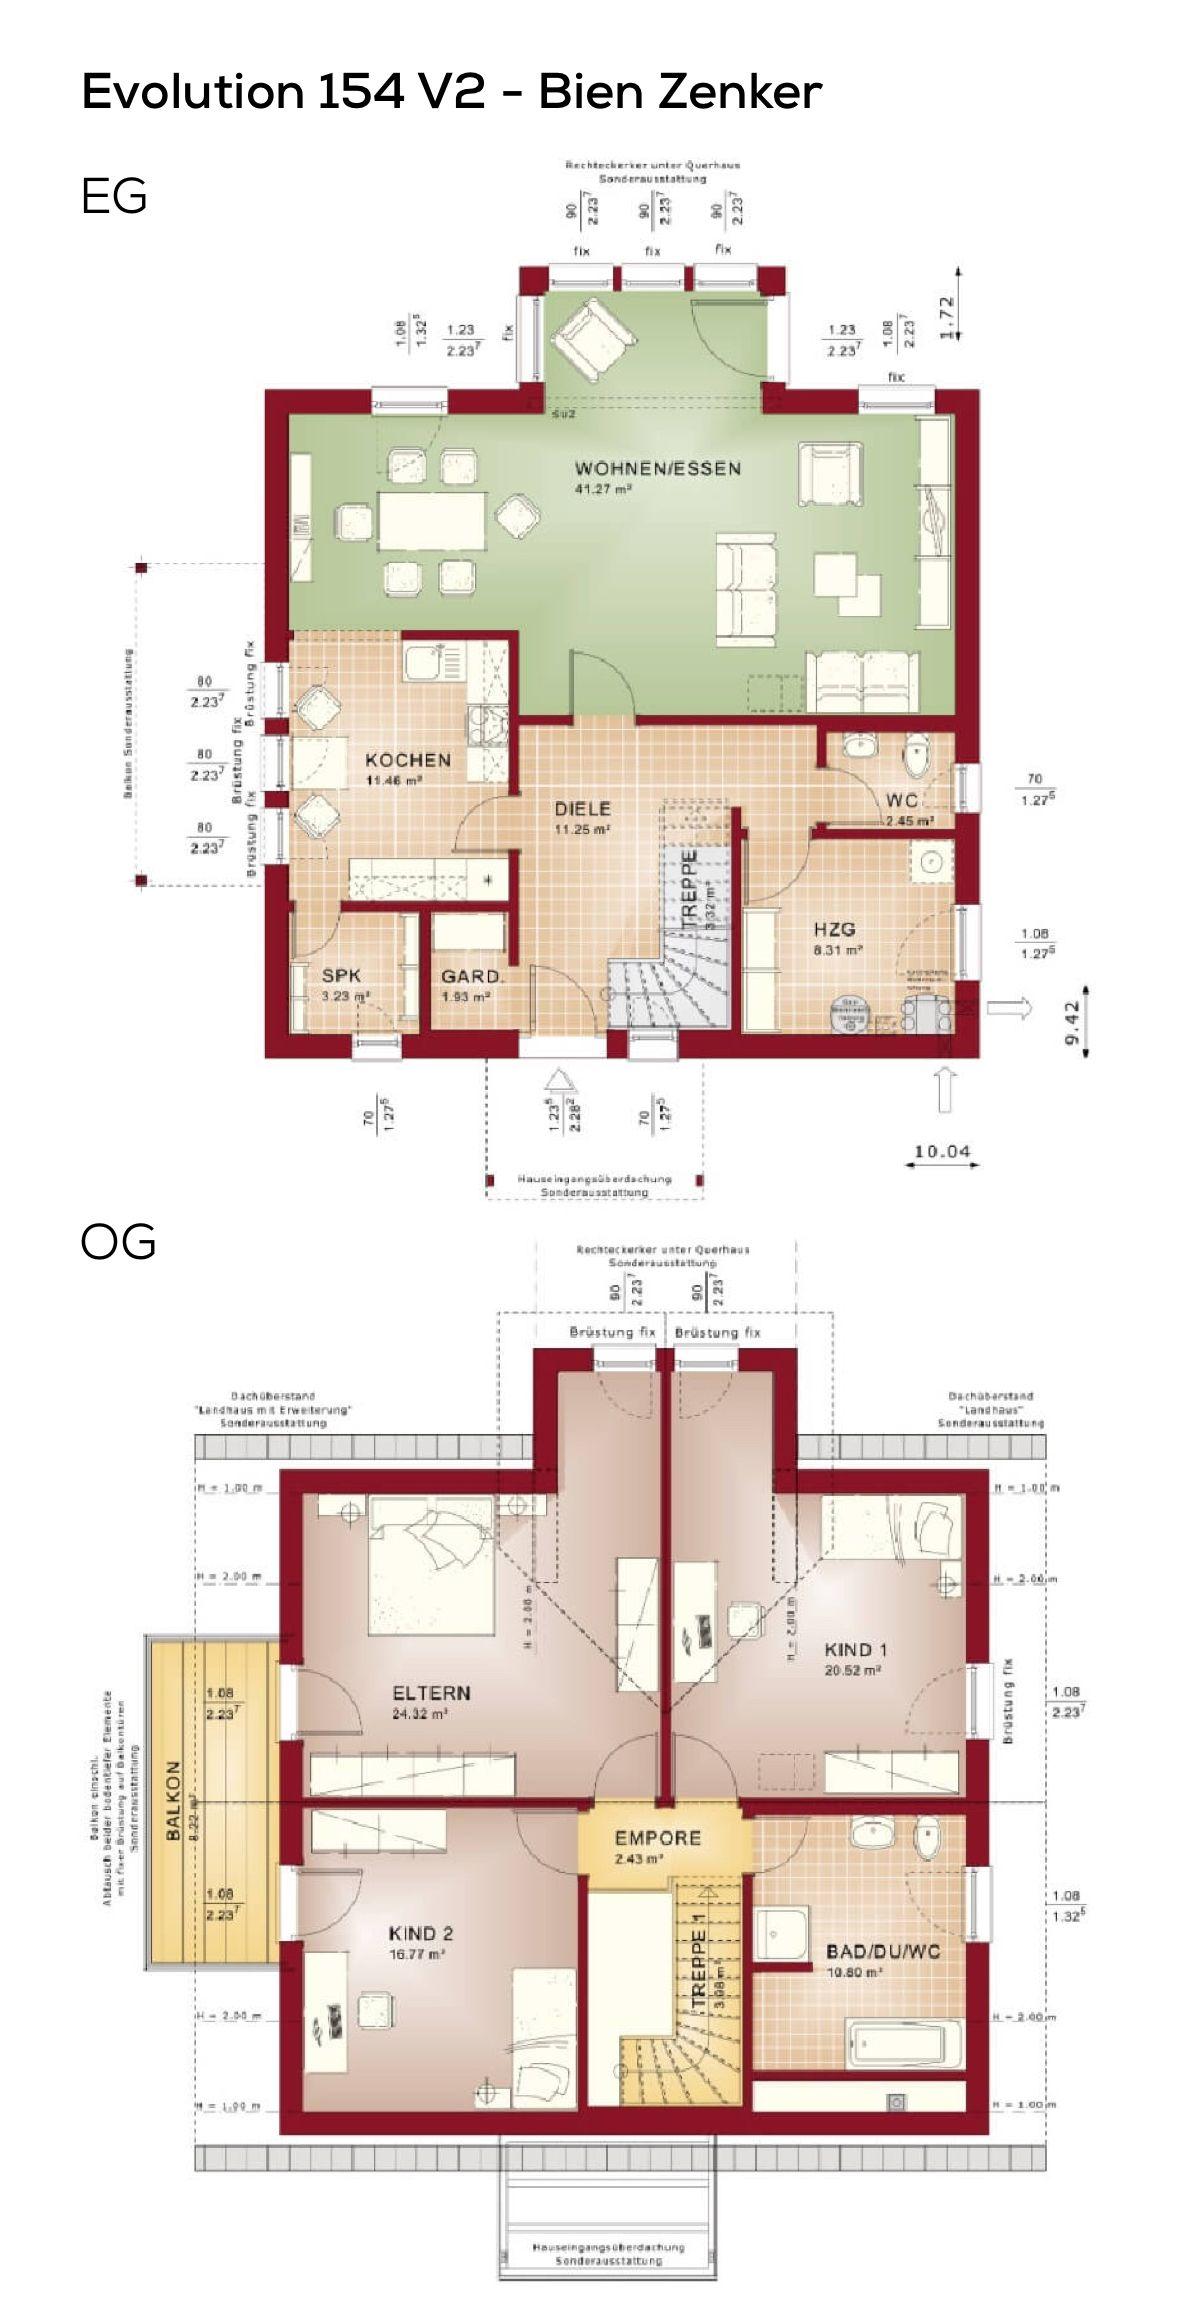 150 qm wfl erdgeschoss mit wintergarten erker ohne keller obergeschoss haus grundrisse fertighaus evolution 154 v2 bien zenker hausbau ideen